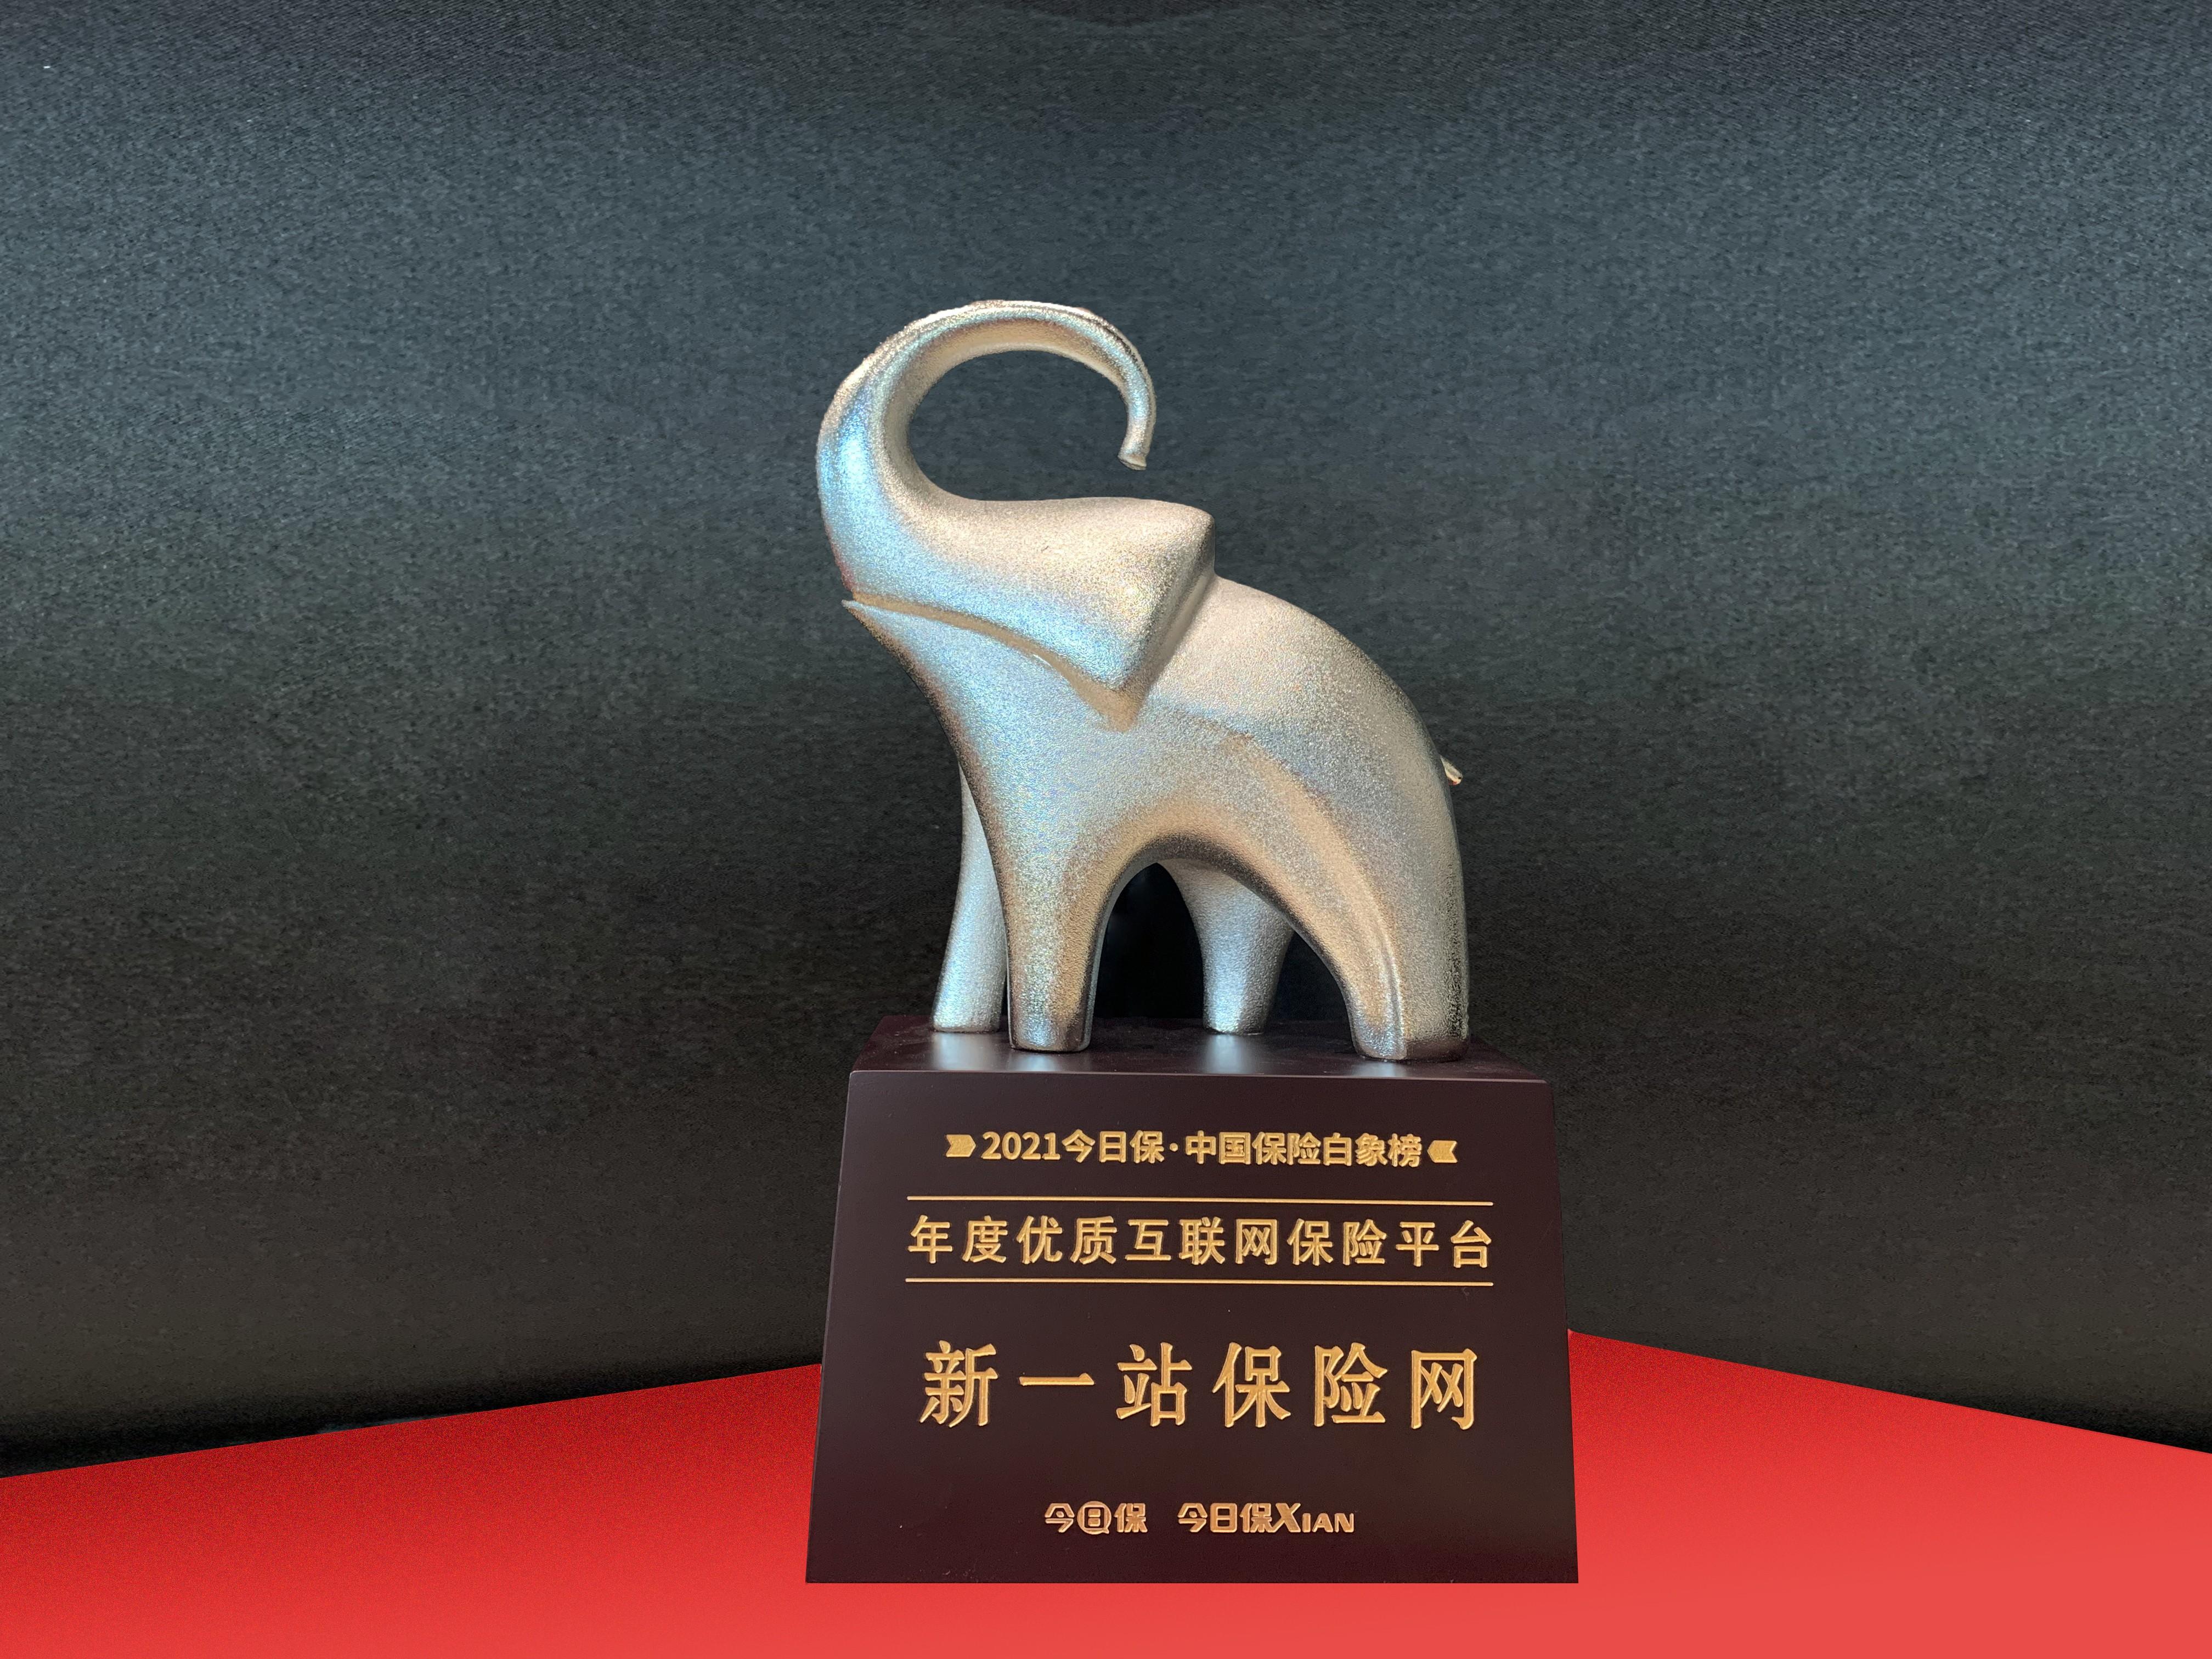 """中国保险白象榜揭晓 新一站保险网入选""""年度优质互联网保险平台"""""""